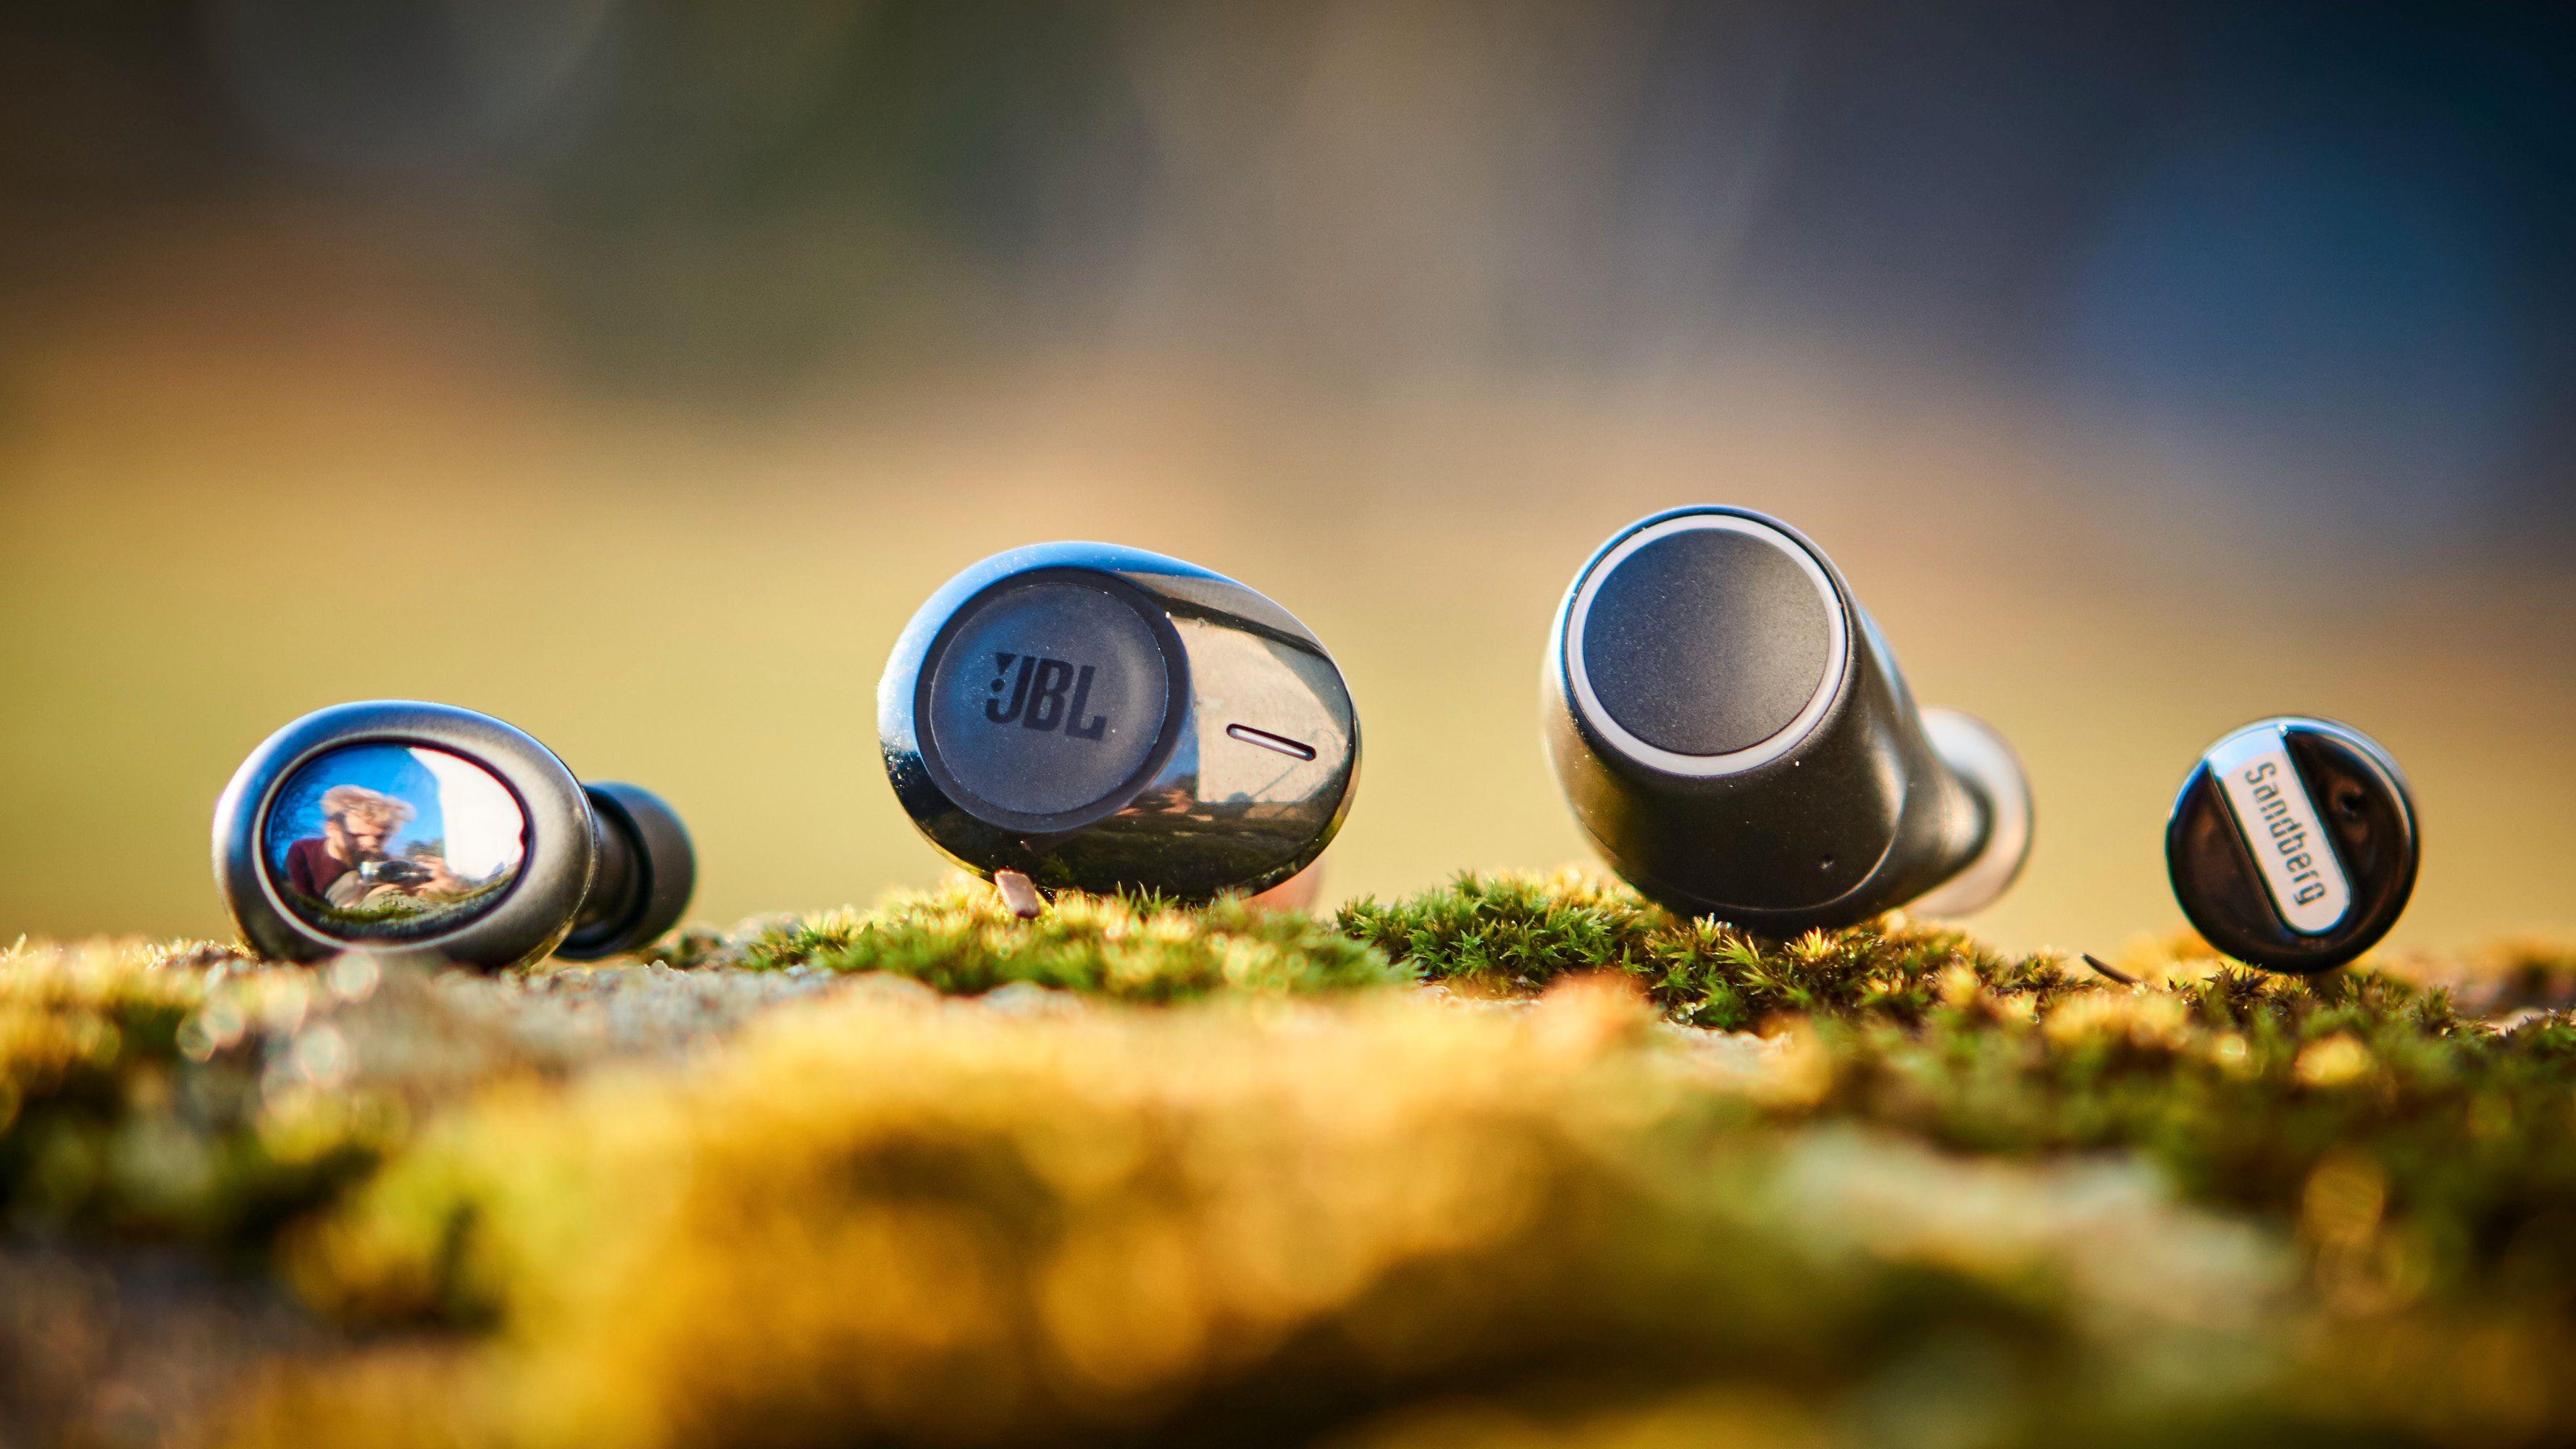 Alle disse trådløse øreproppene koster under 1000 kroner